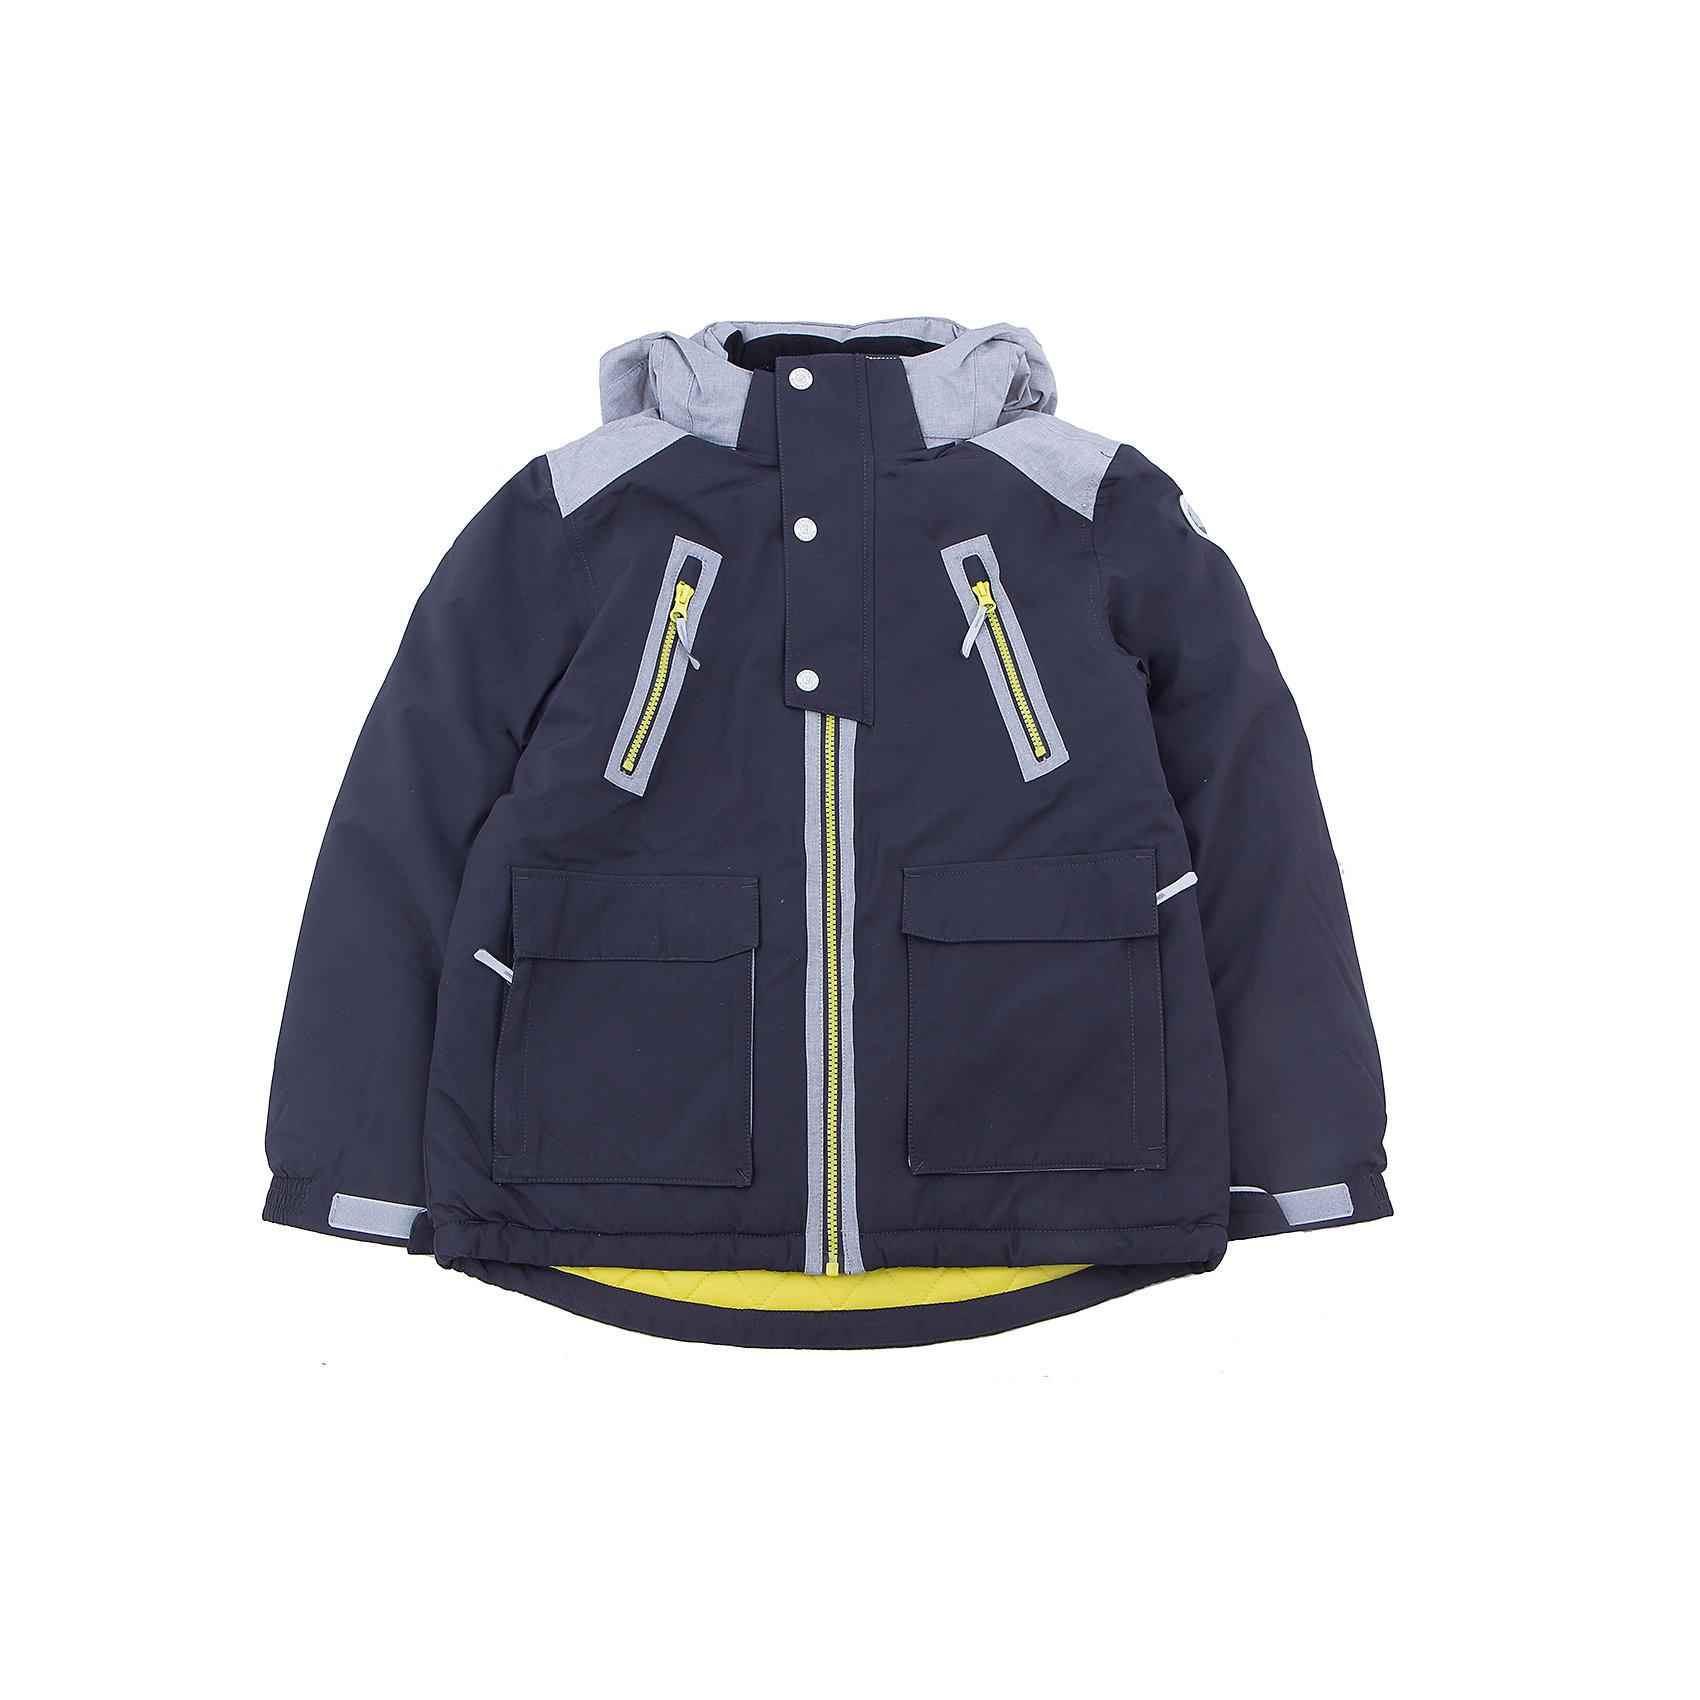 Куртка для мальчика ICEPEAKОдежда<br>Куртка для мальчика от известного бренда ICEPEAK.<br>Куртка с отстегивающимся капюшоном, молния закрыта планкой с внутренней стороны, сформированный локоть, утяжка в нижней части куртки, регулируемый рукав на липучке два кармана в верхней части куртки, накладные карманы в нижней части куртки, комбинированная ткань на плечах, утепленные и мягкие накладные карманы , мягкий и теплый внутренний воротник, светоотражающие элементы, искусственный утеплитель Finnwad, утепление 200/160 гр., рекомендуемый температурный режим до -30 град. Ощущение тепла и холода носит индивидуальный характер и зависит от теплообмена ребенка.<br>Технологии: Icetech 10 000mm/5000 g; 2-layer; Taped seams; Children's safety; Reflectors<br>Состав:<br>100% полиэстер<br><br>Ширина мм: 356<br>Глубина мм: 10<br>Высота мм: 245<br>Вес г: 519<br>Цвет: серый<br>Возраст от месяцев: 180<br>Возраст до месяцев: 192<br>Пол: Мужской<br>Возраст: Детский<br>Размер: 176,140,128,152,164<br>SKU: 5413965